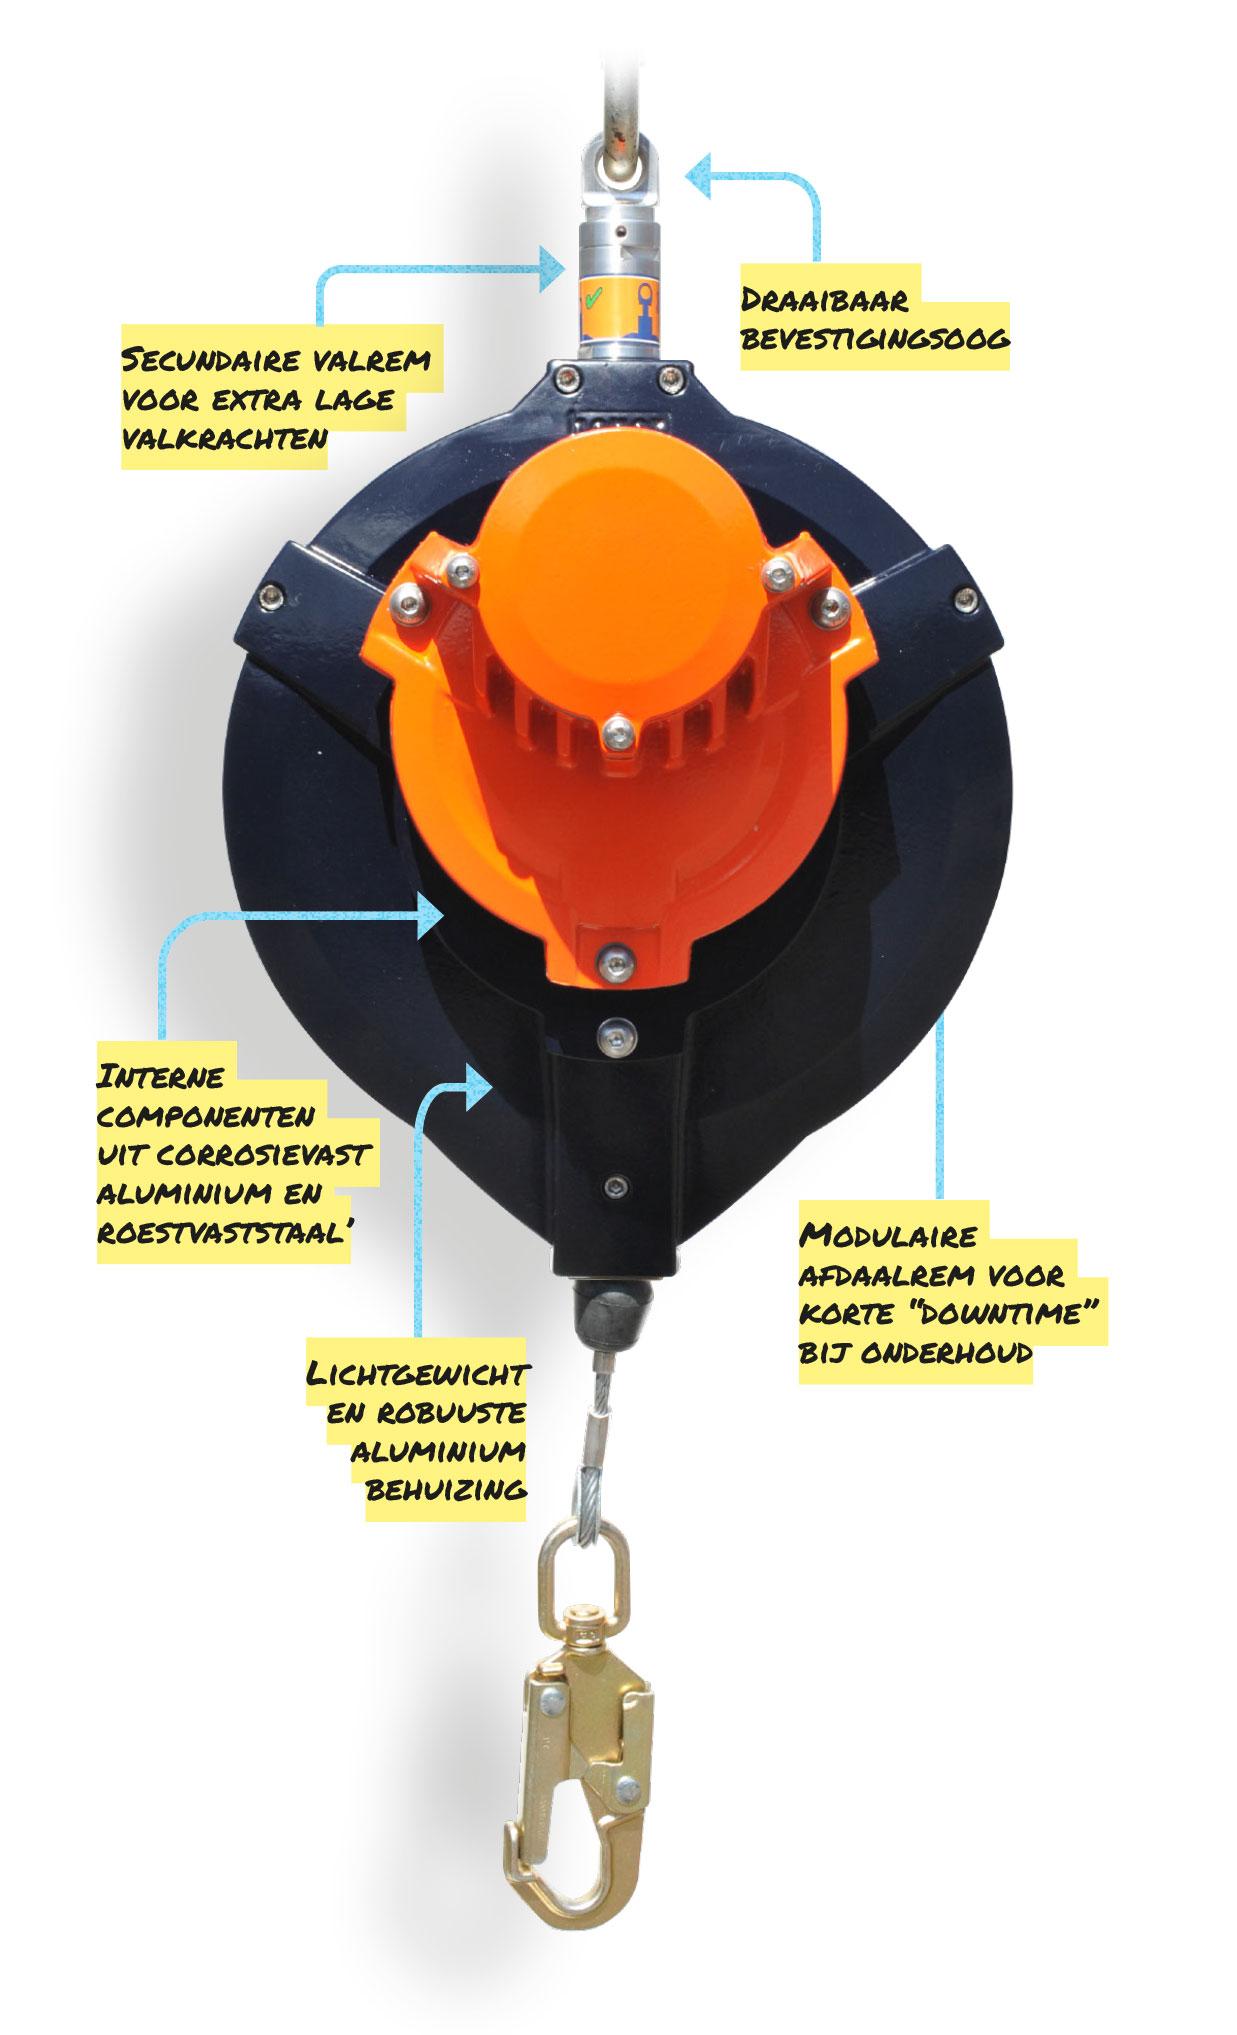 FPED33-antivaltoestel-max.-33-m-automatische-daalfunctie-illustratie